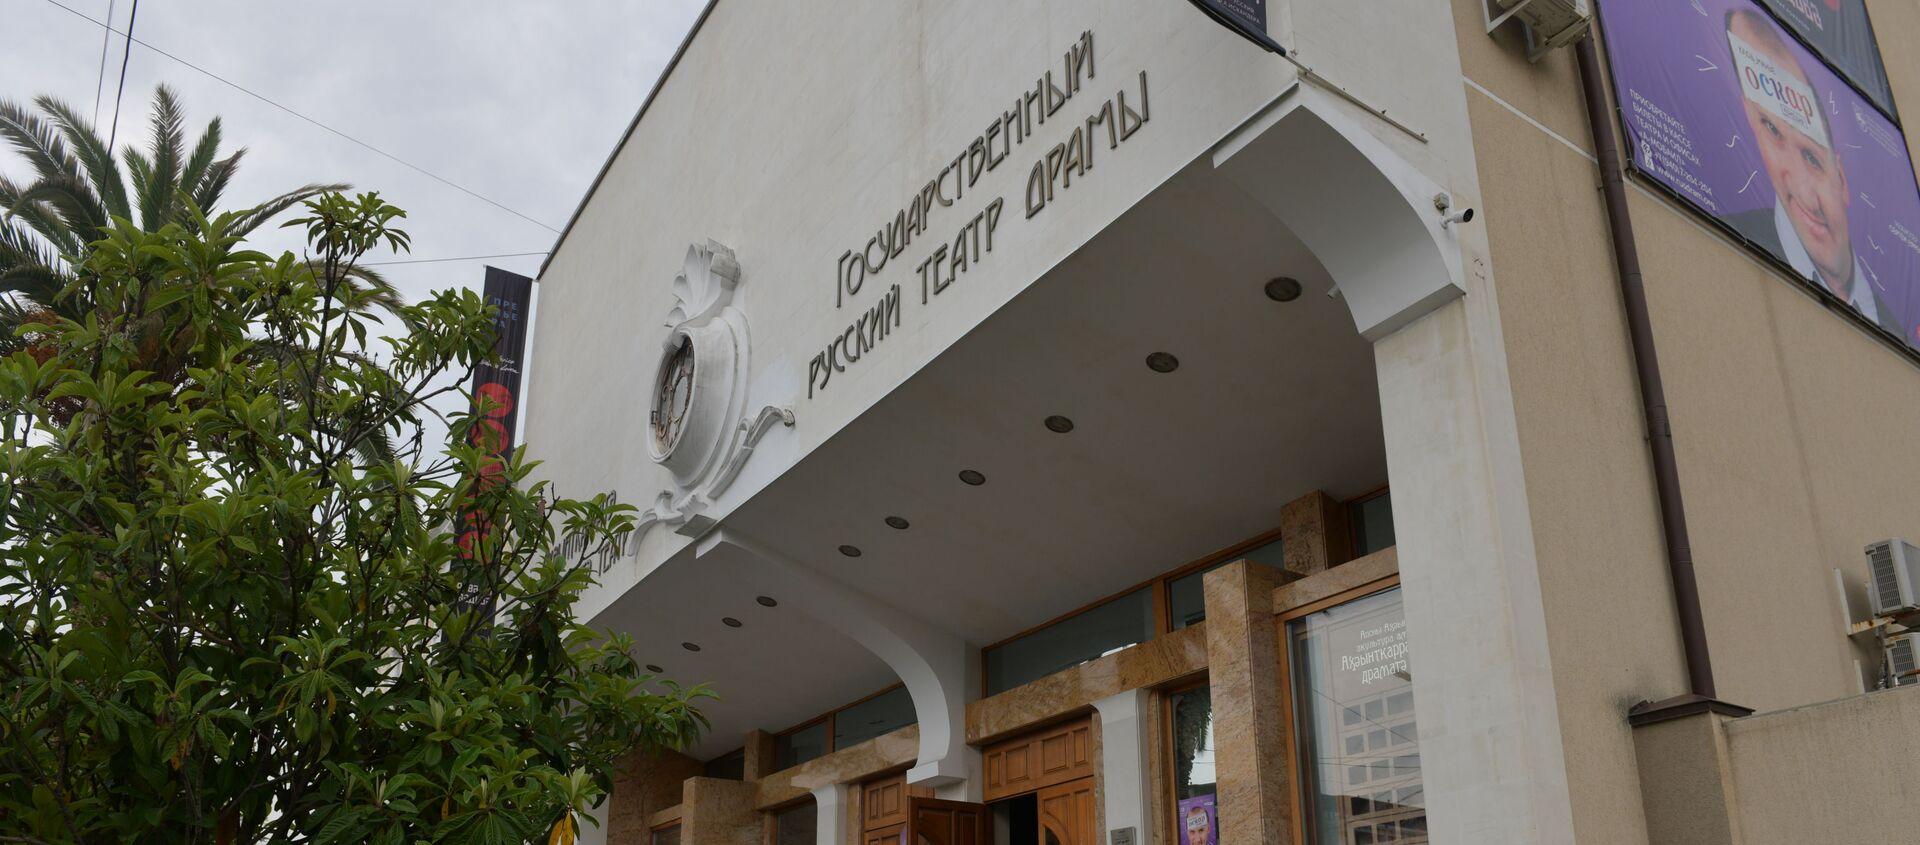 Русский Драматический театр  - Sputnik Аҧсны, 1920, 07.09.2021